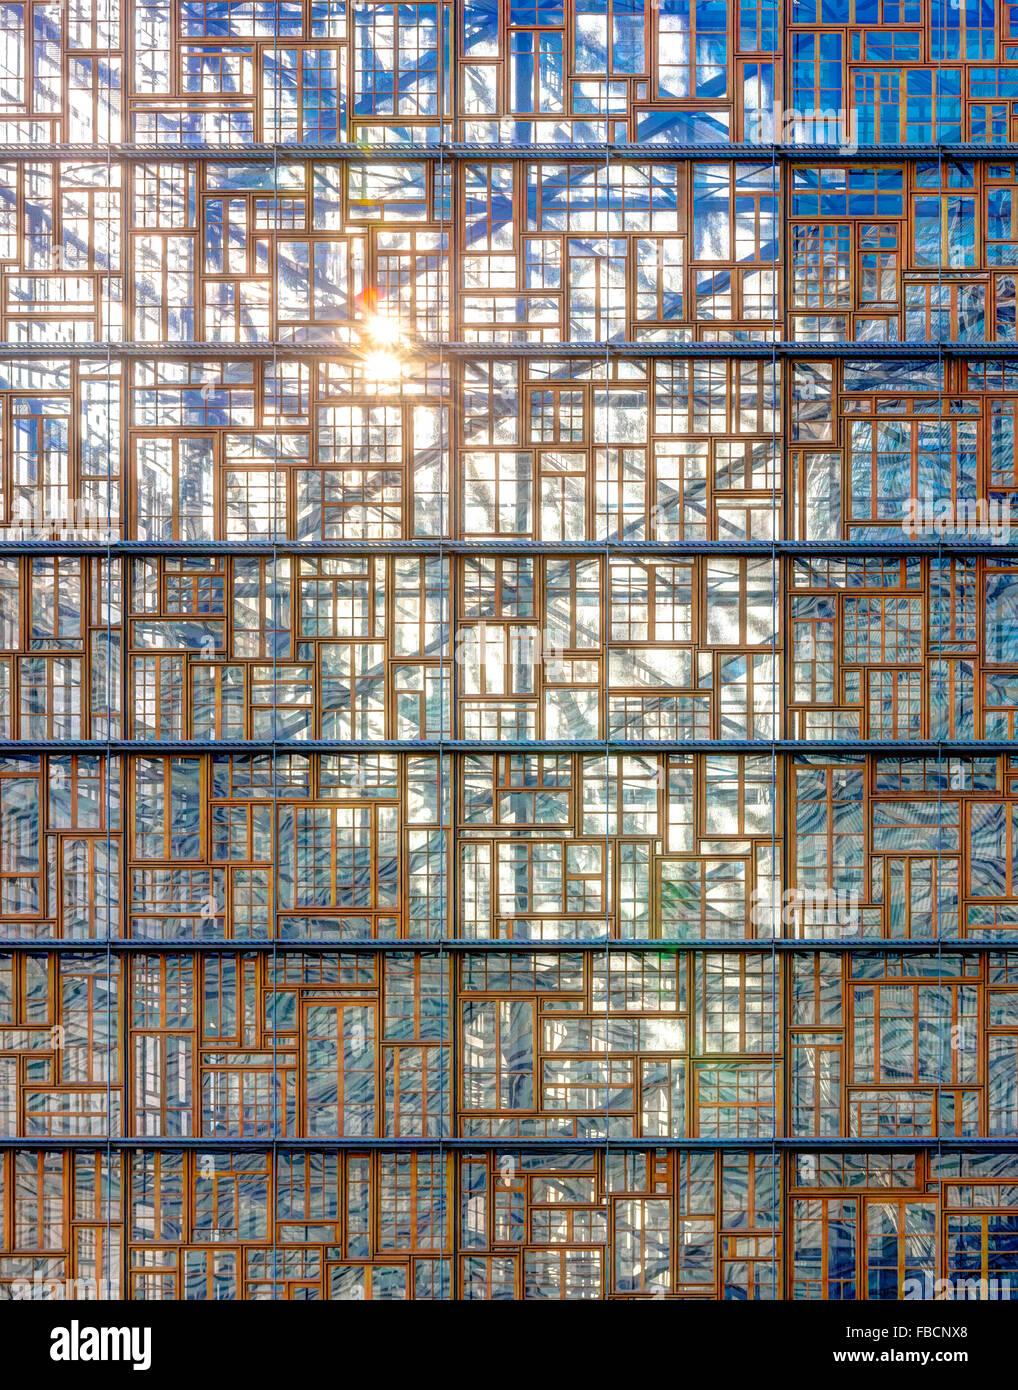 Bruxelles, le nouveau bâtiment Europa, conçu par Philippe Samyn & Partners, est le nouveau siège Photo Stock